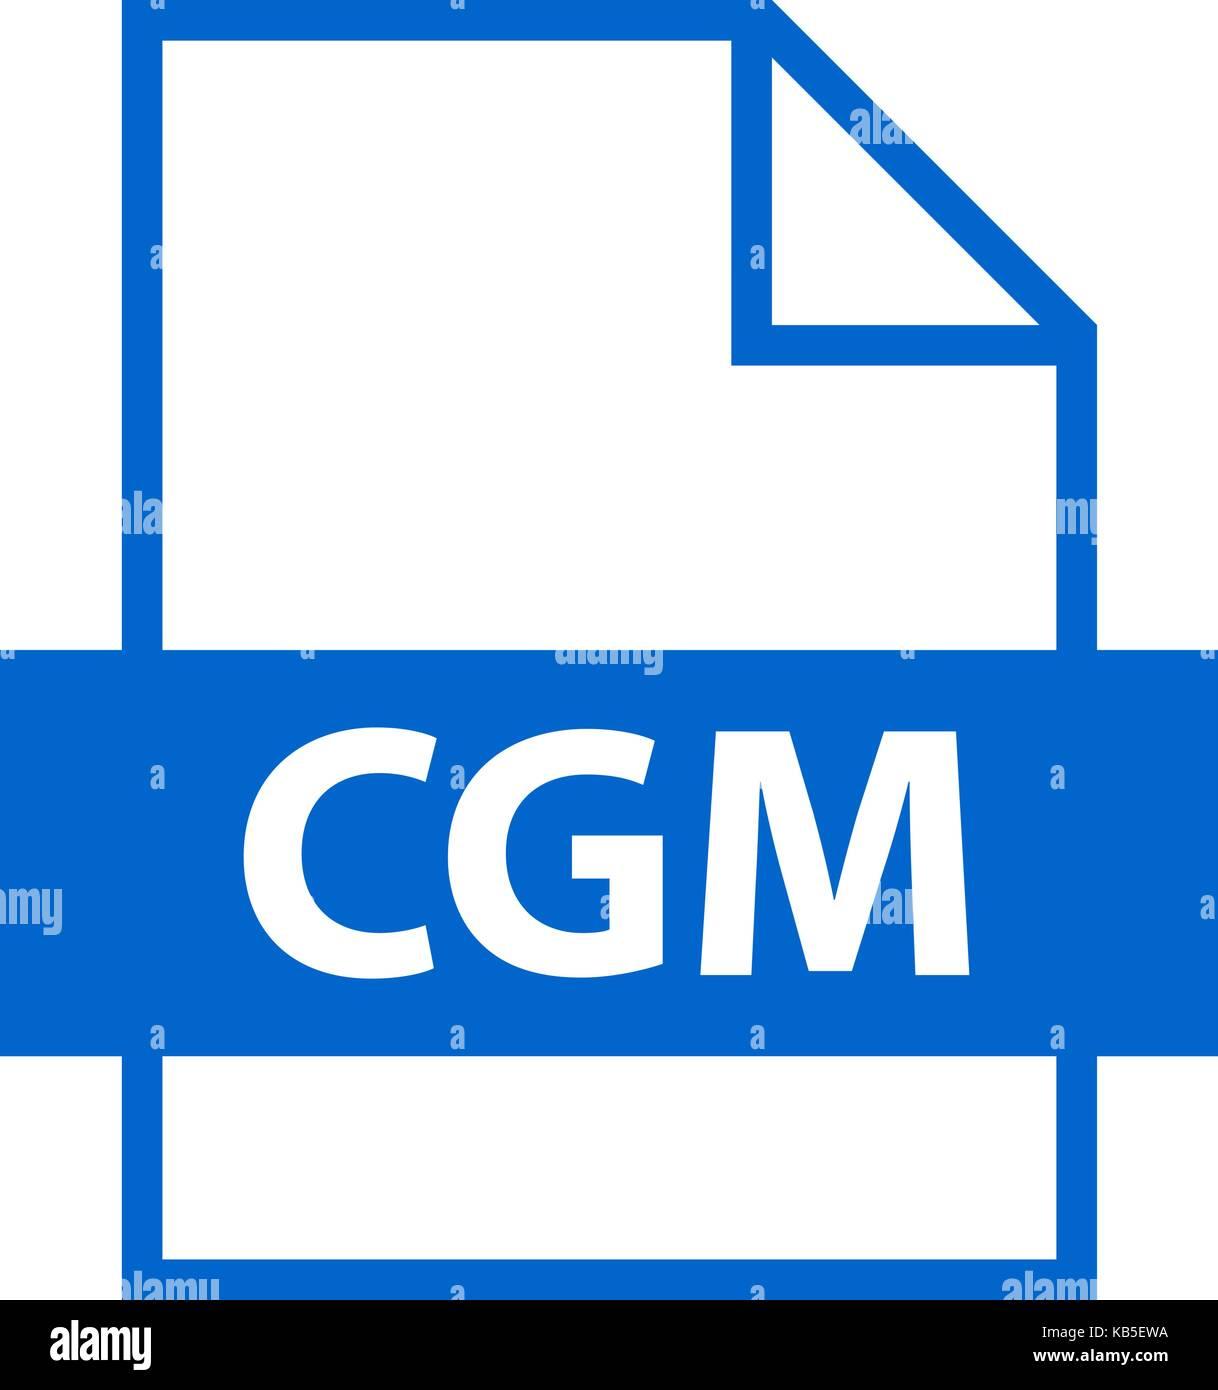 Es in allen ihren Designs verwenden. Dateinamenerweiterung Symbol CGM Computer Graphics Metafile im flachen Stil. Stockbild